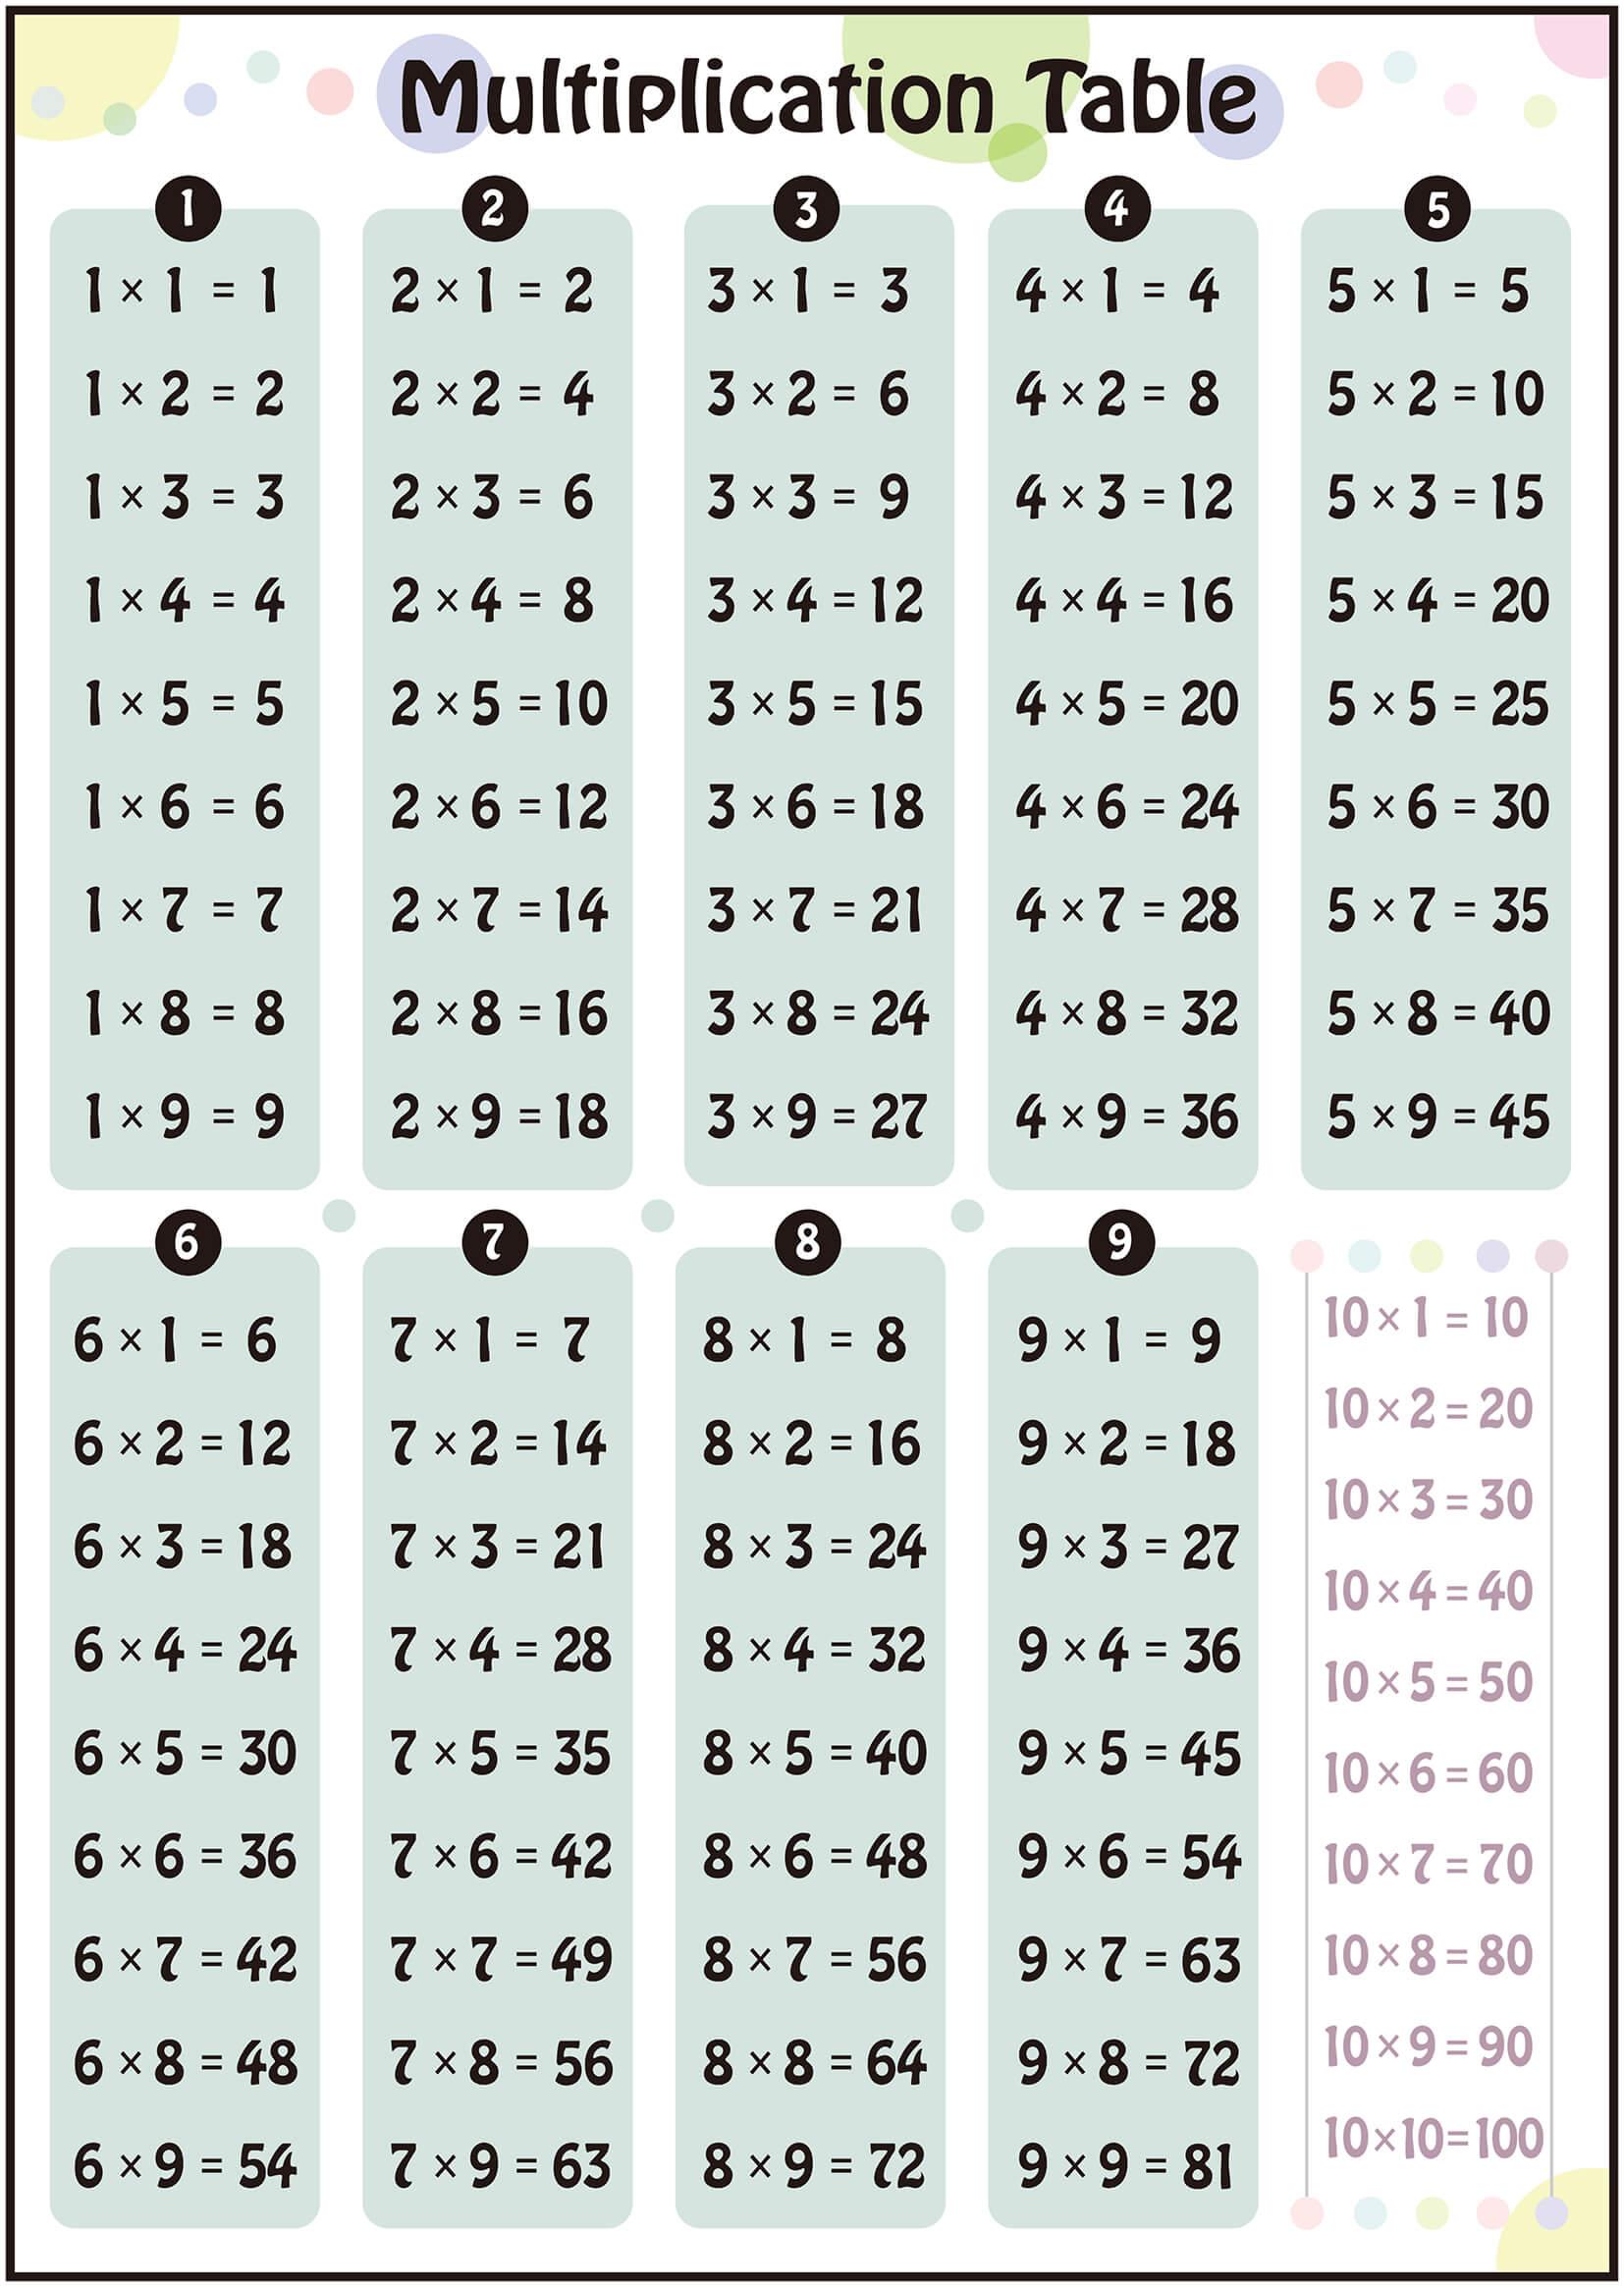 何枚も印刷して 色んなところで覚えよう 学習ポスターの定番 九九の暗記表 P Note